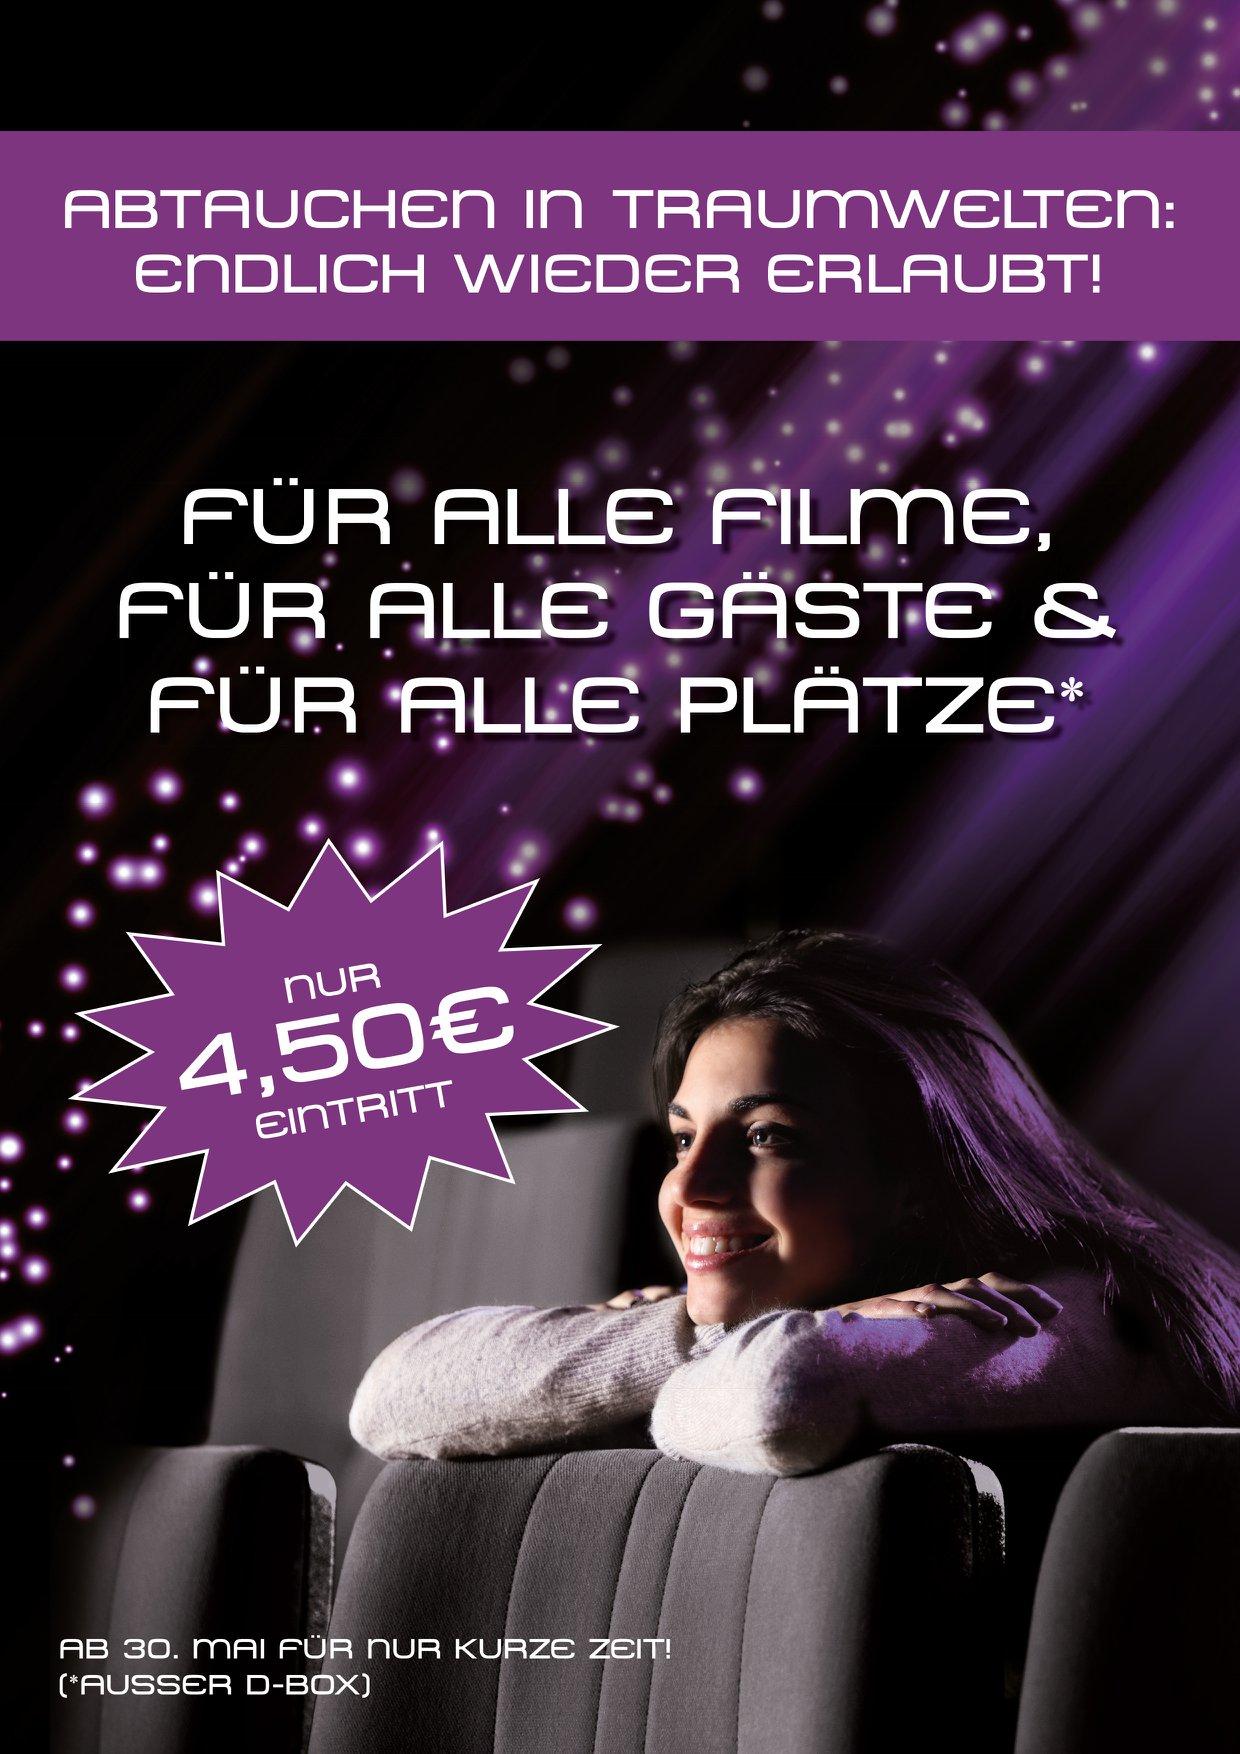 [Lokal Düren & Solingen] Das Lumen Kino für 4,50 € auf allen Plätzen